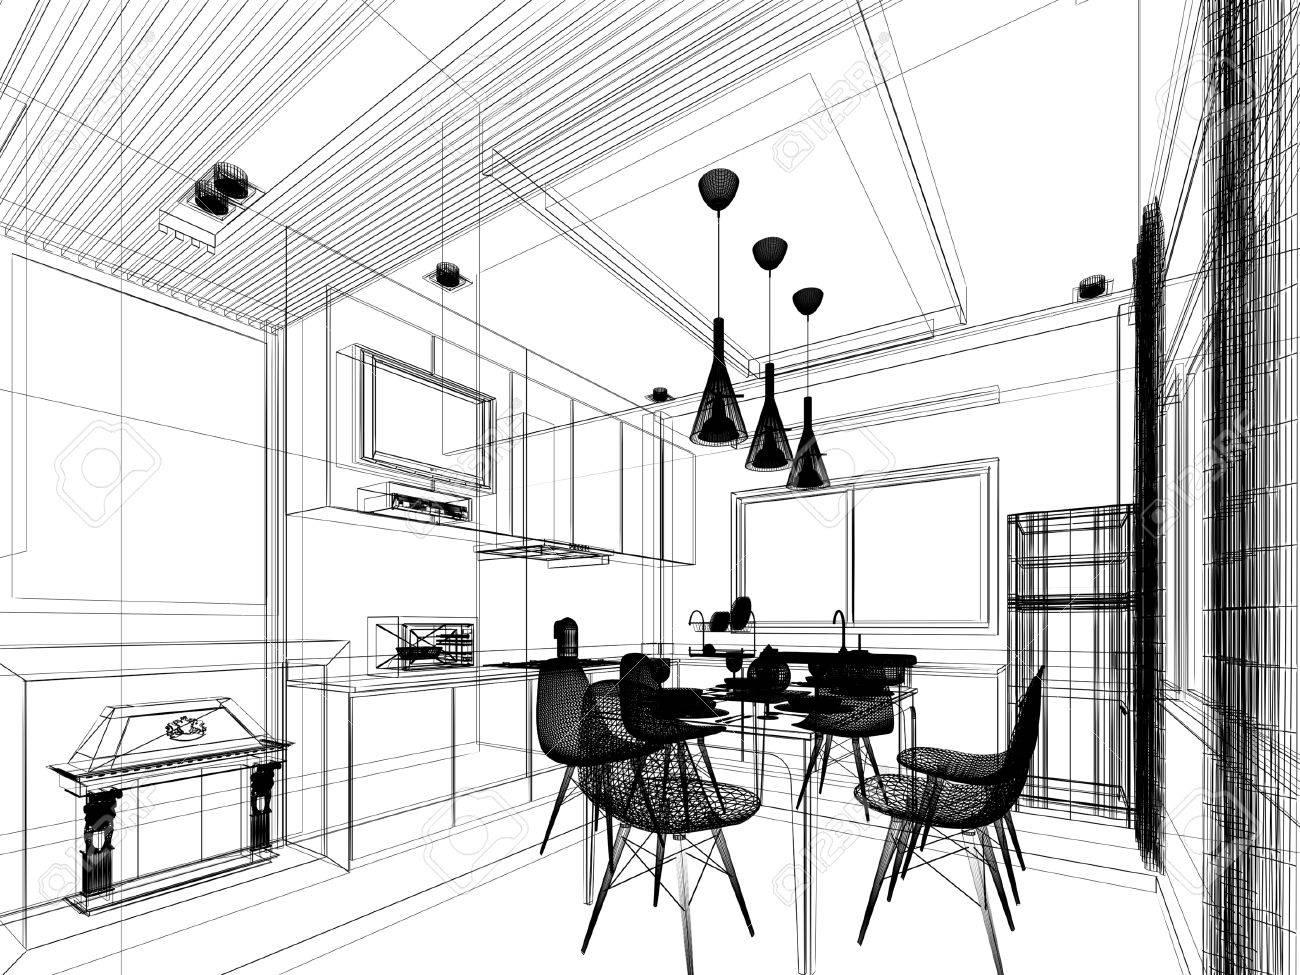 disegno astratto disegno di cucina interna Archivio Fotografico - 40904591